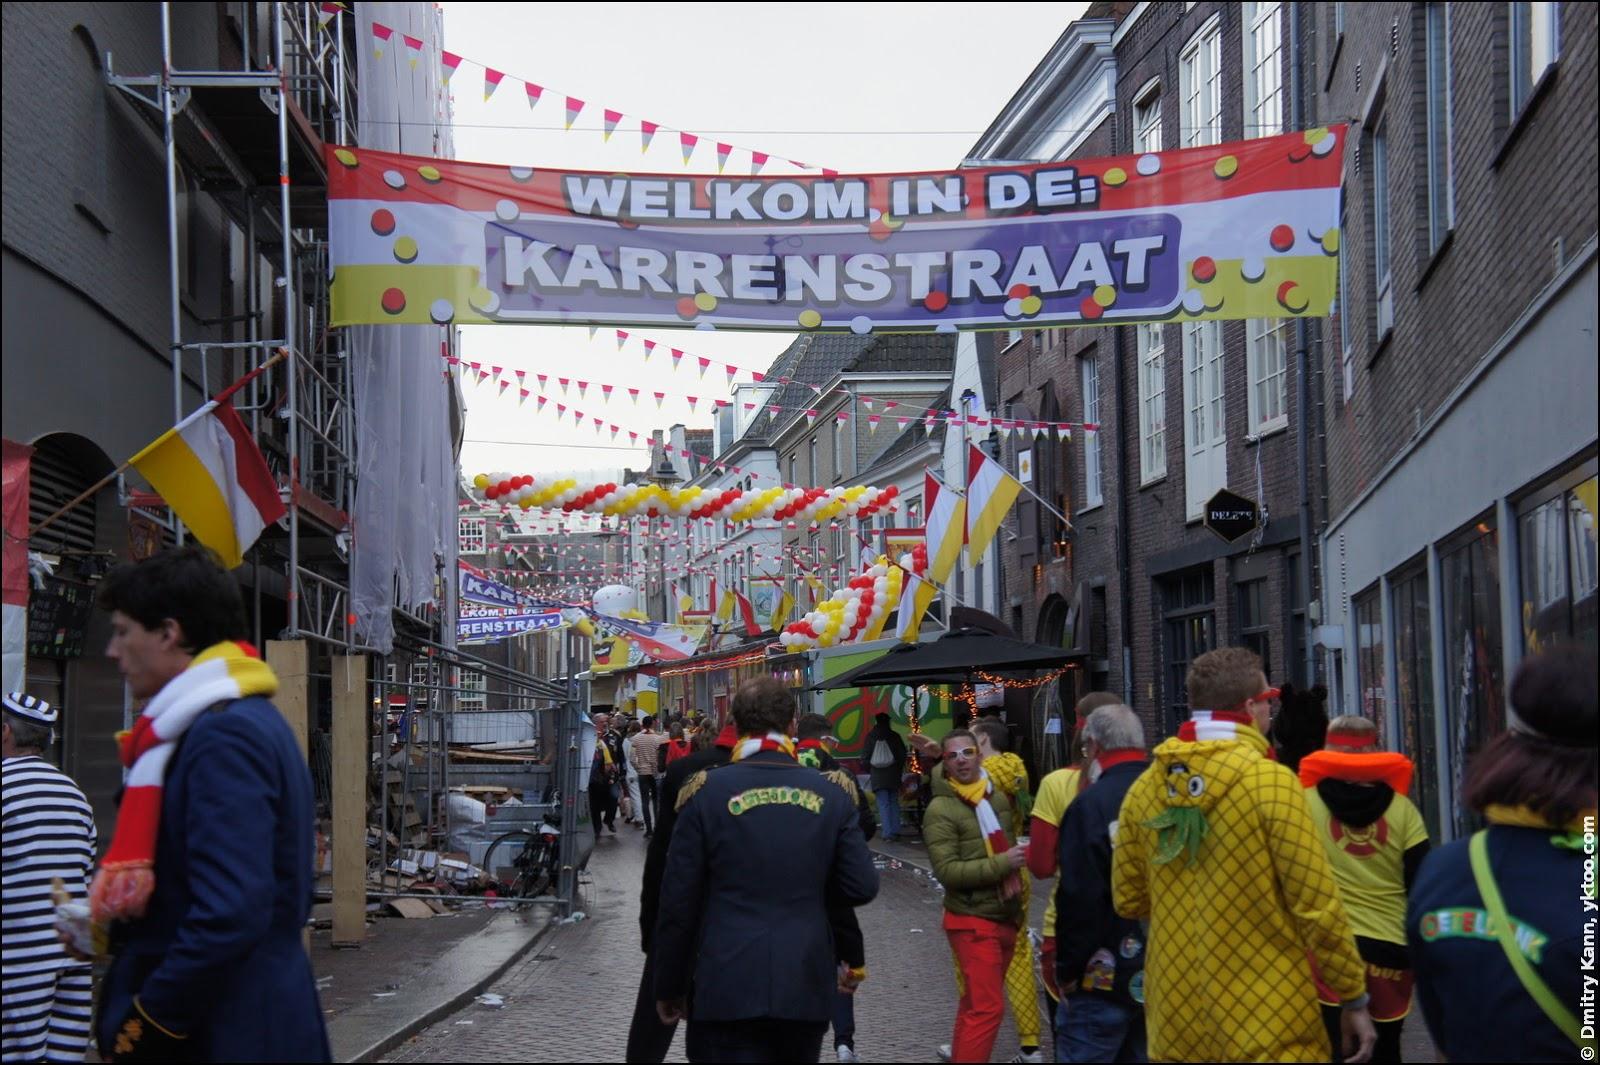 Карнавал в Ден Бош, Нидерланды.